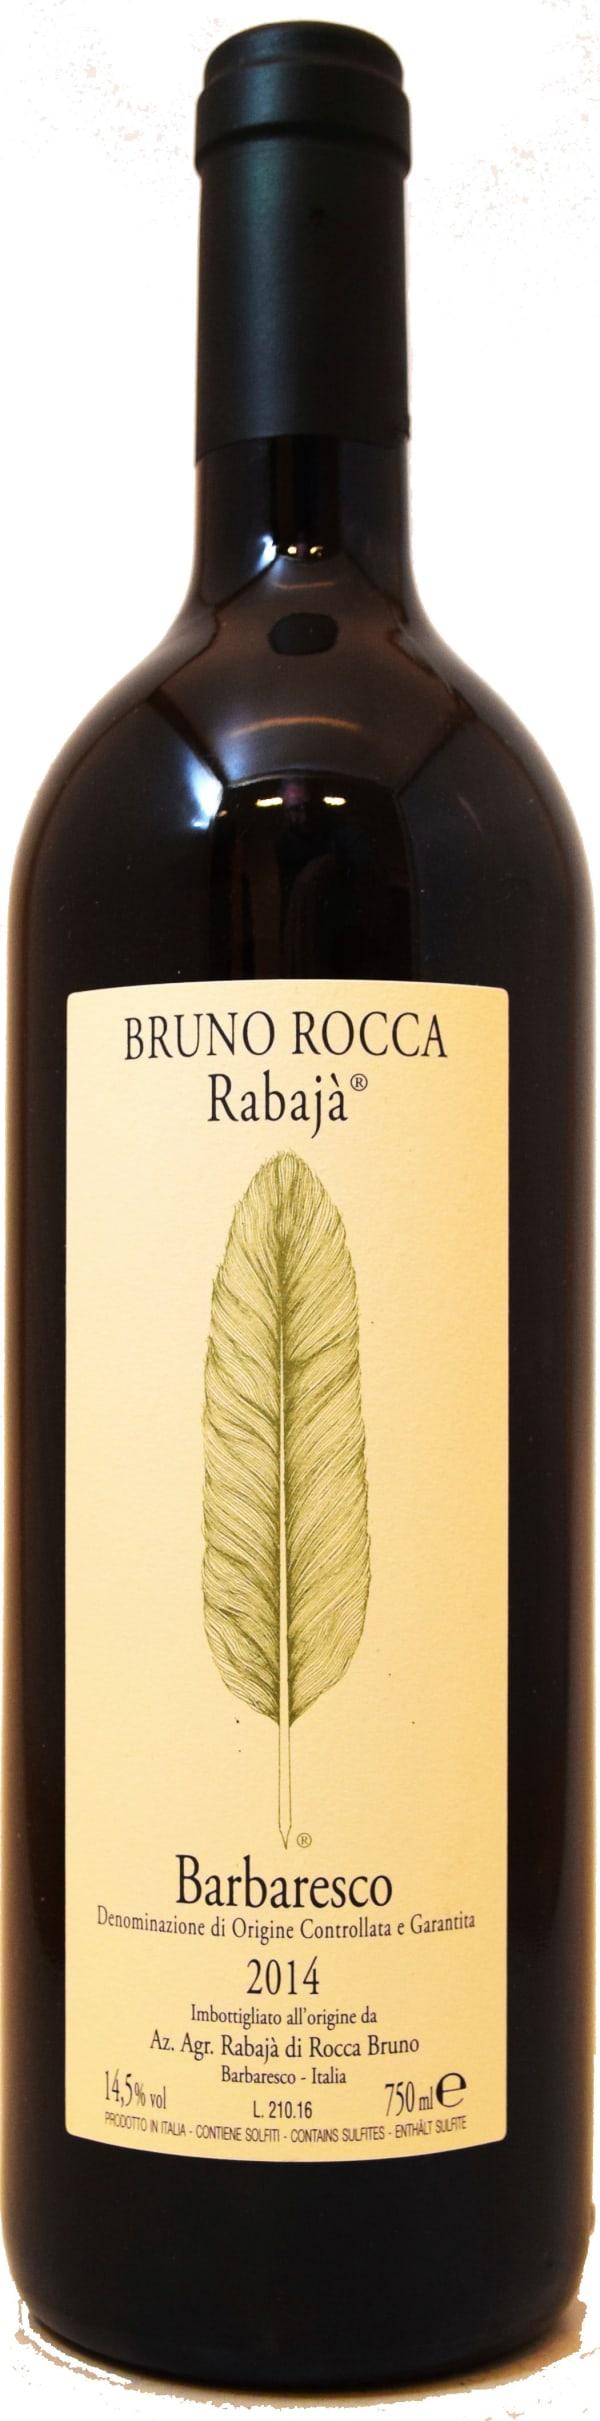 Bruno Rocca Rabaja Barbaresco 2018